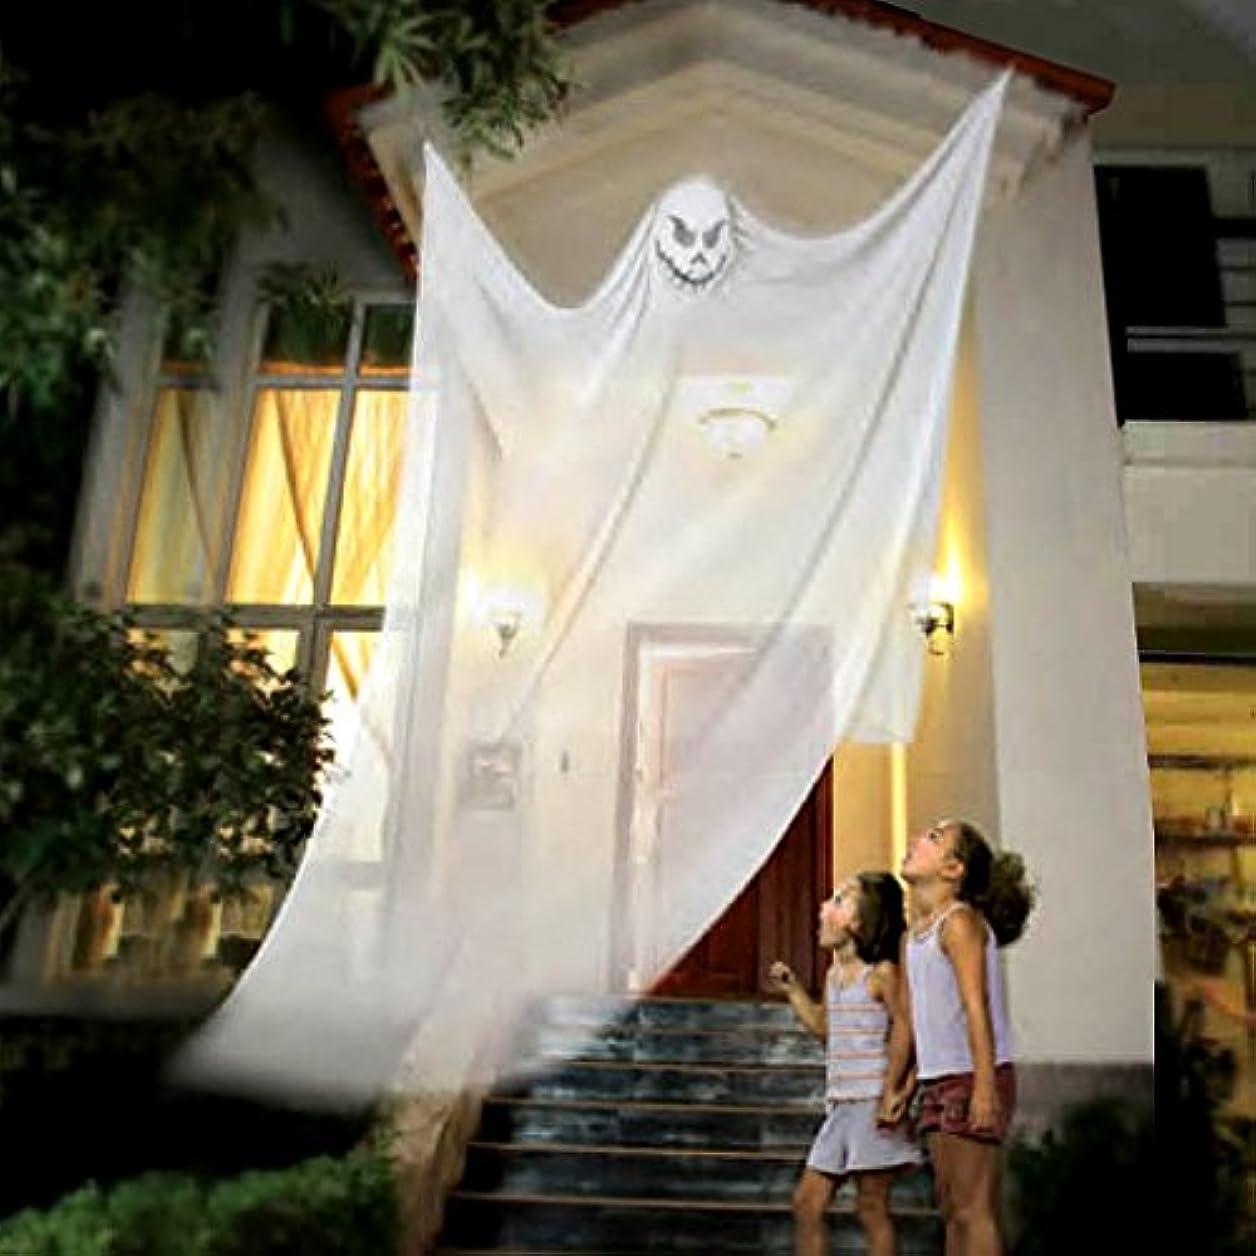 セッティング拾うブリーフケースハロウィーンフェスティバルぶら下げ幽霊装飾ホラー小道具バーお化け屋敷室内装飾